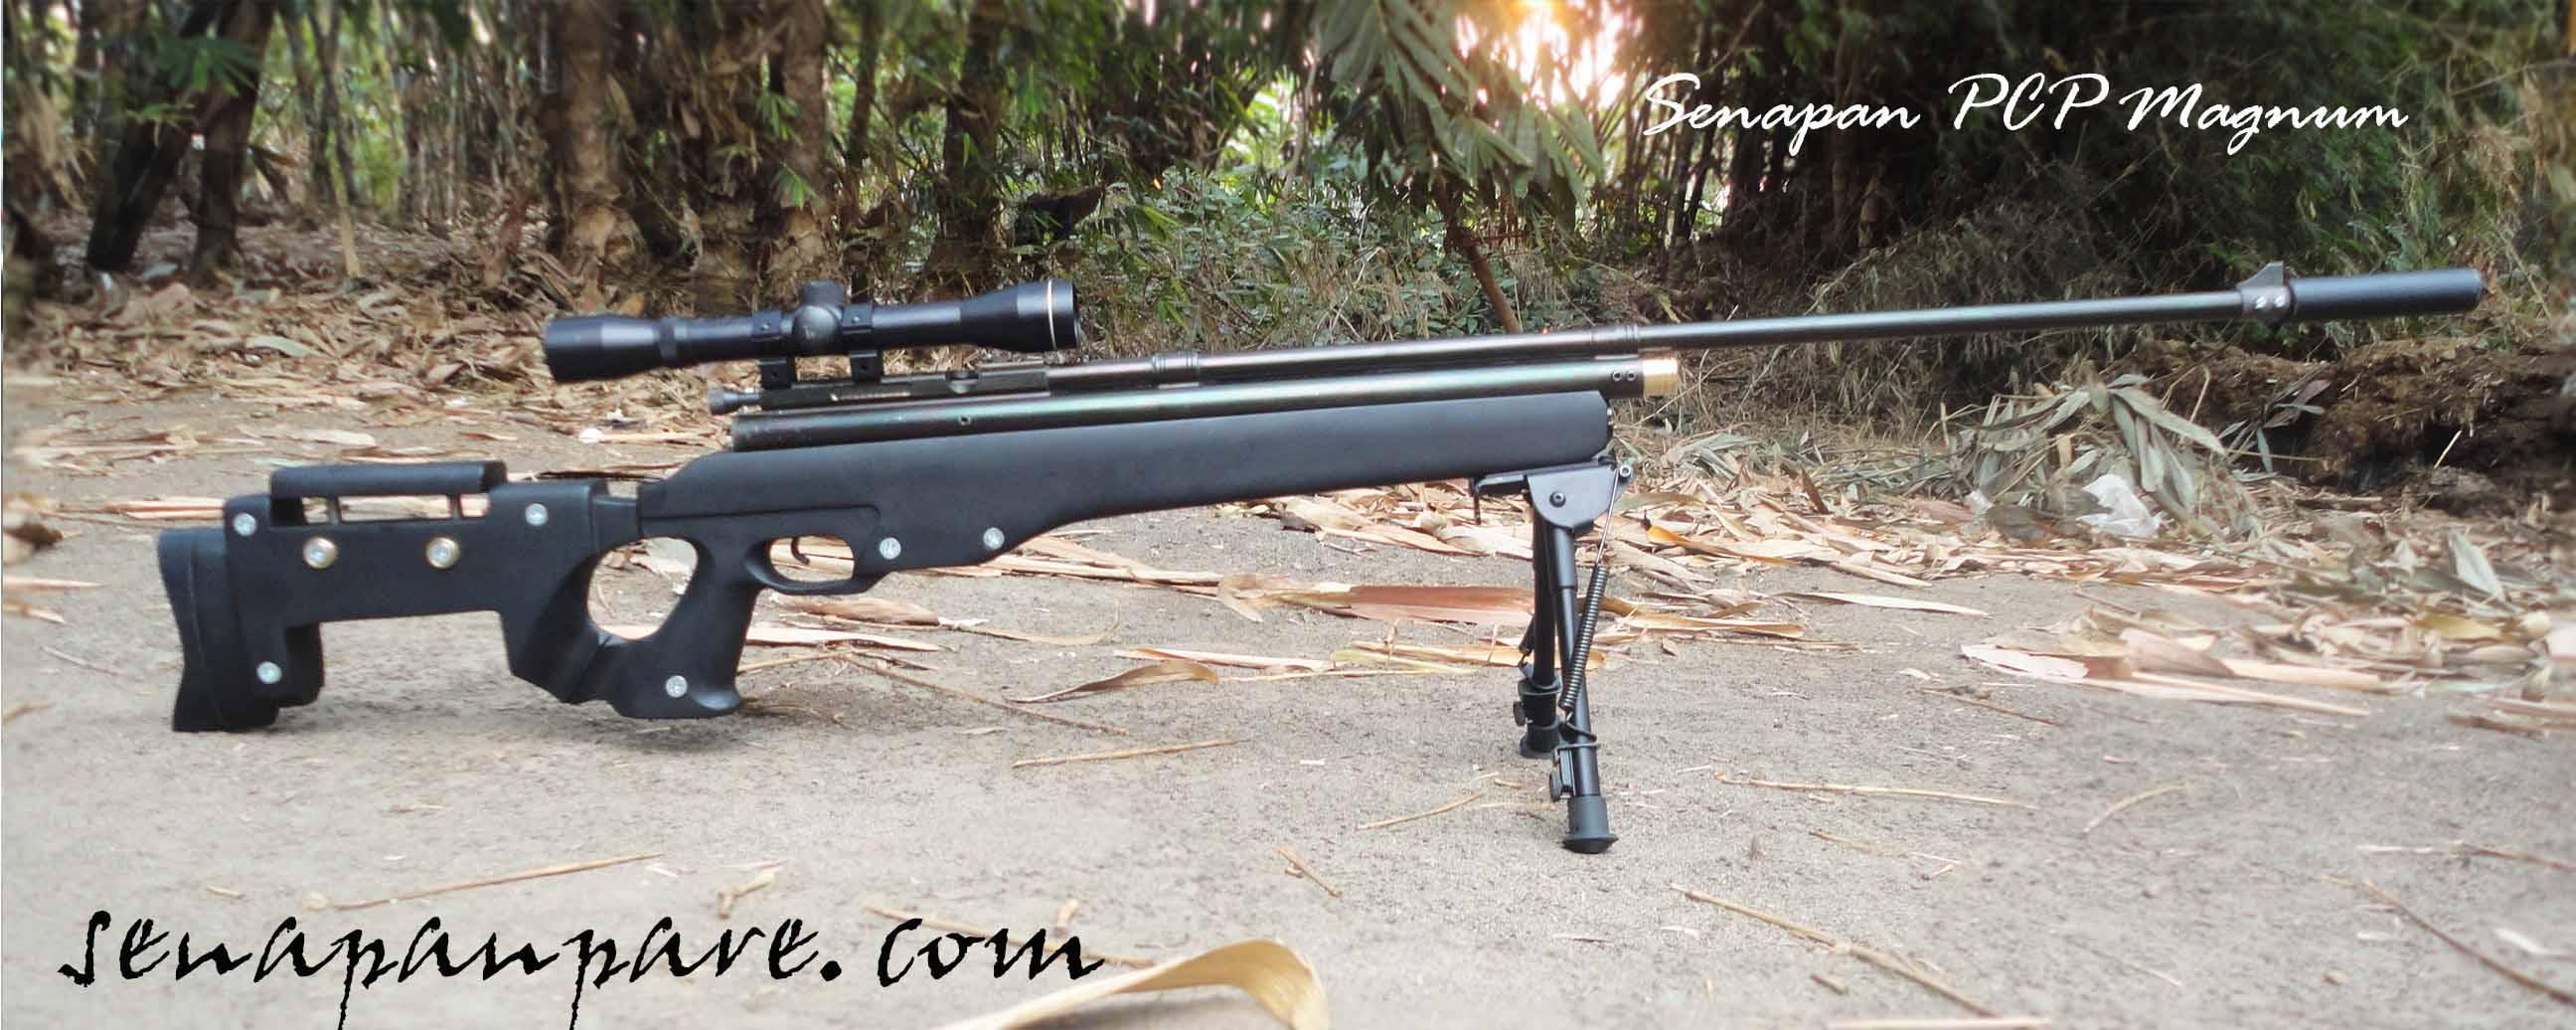 senapan pcp magnum